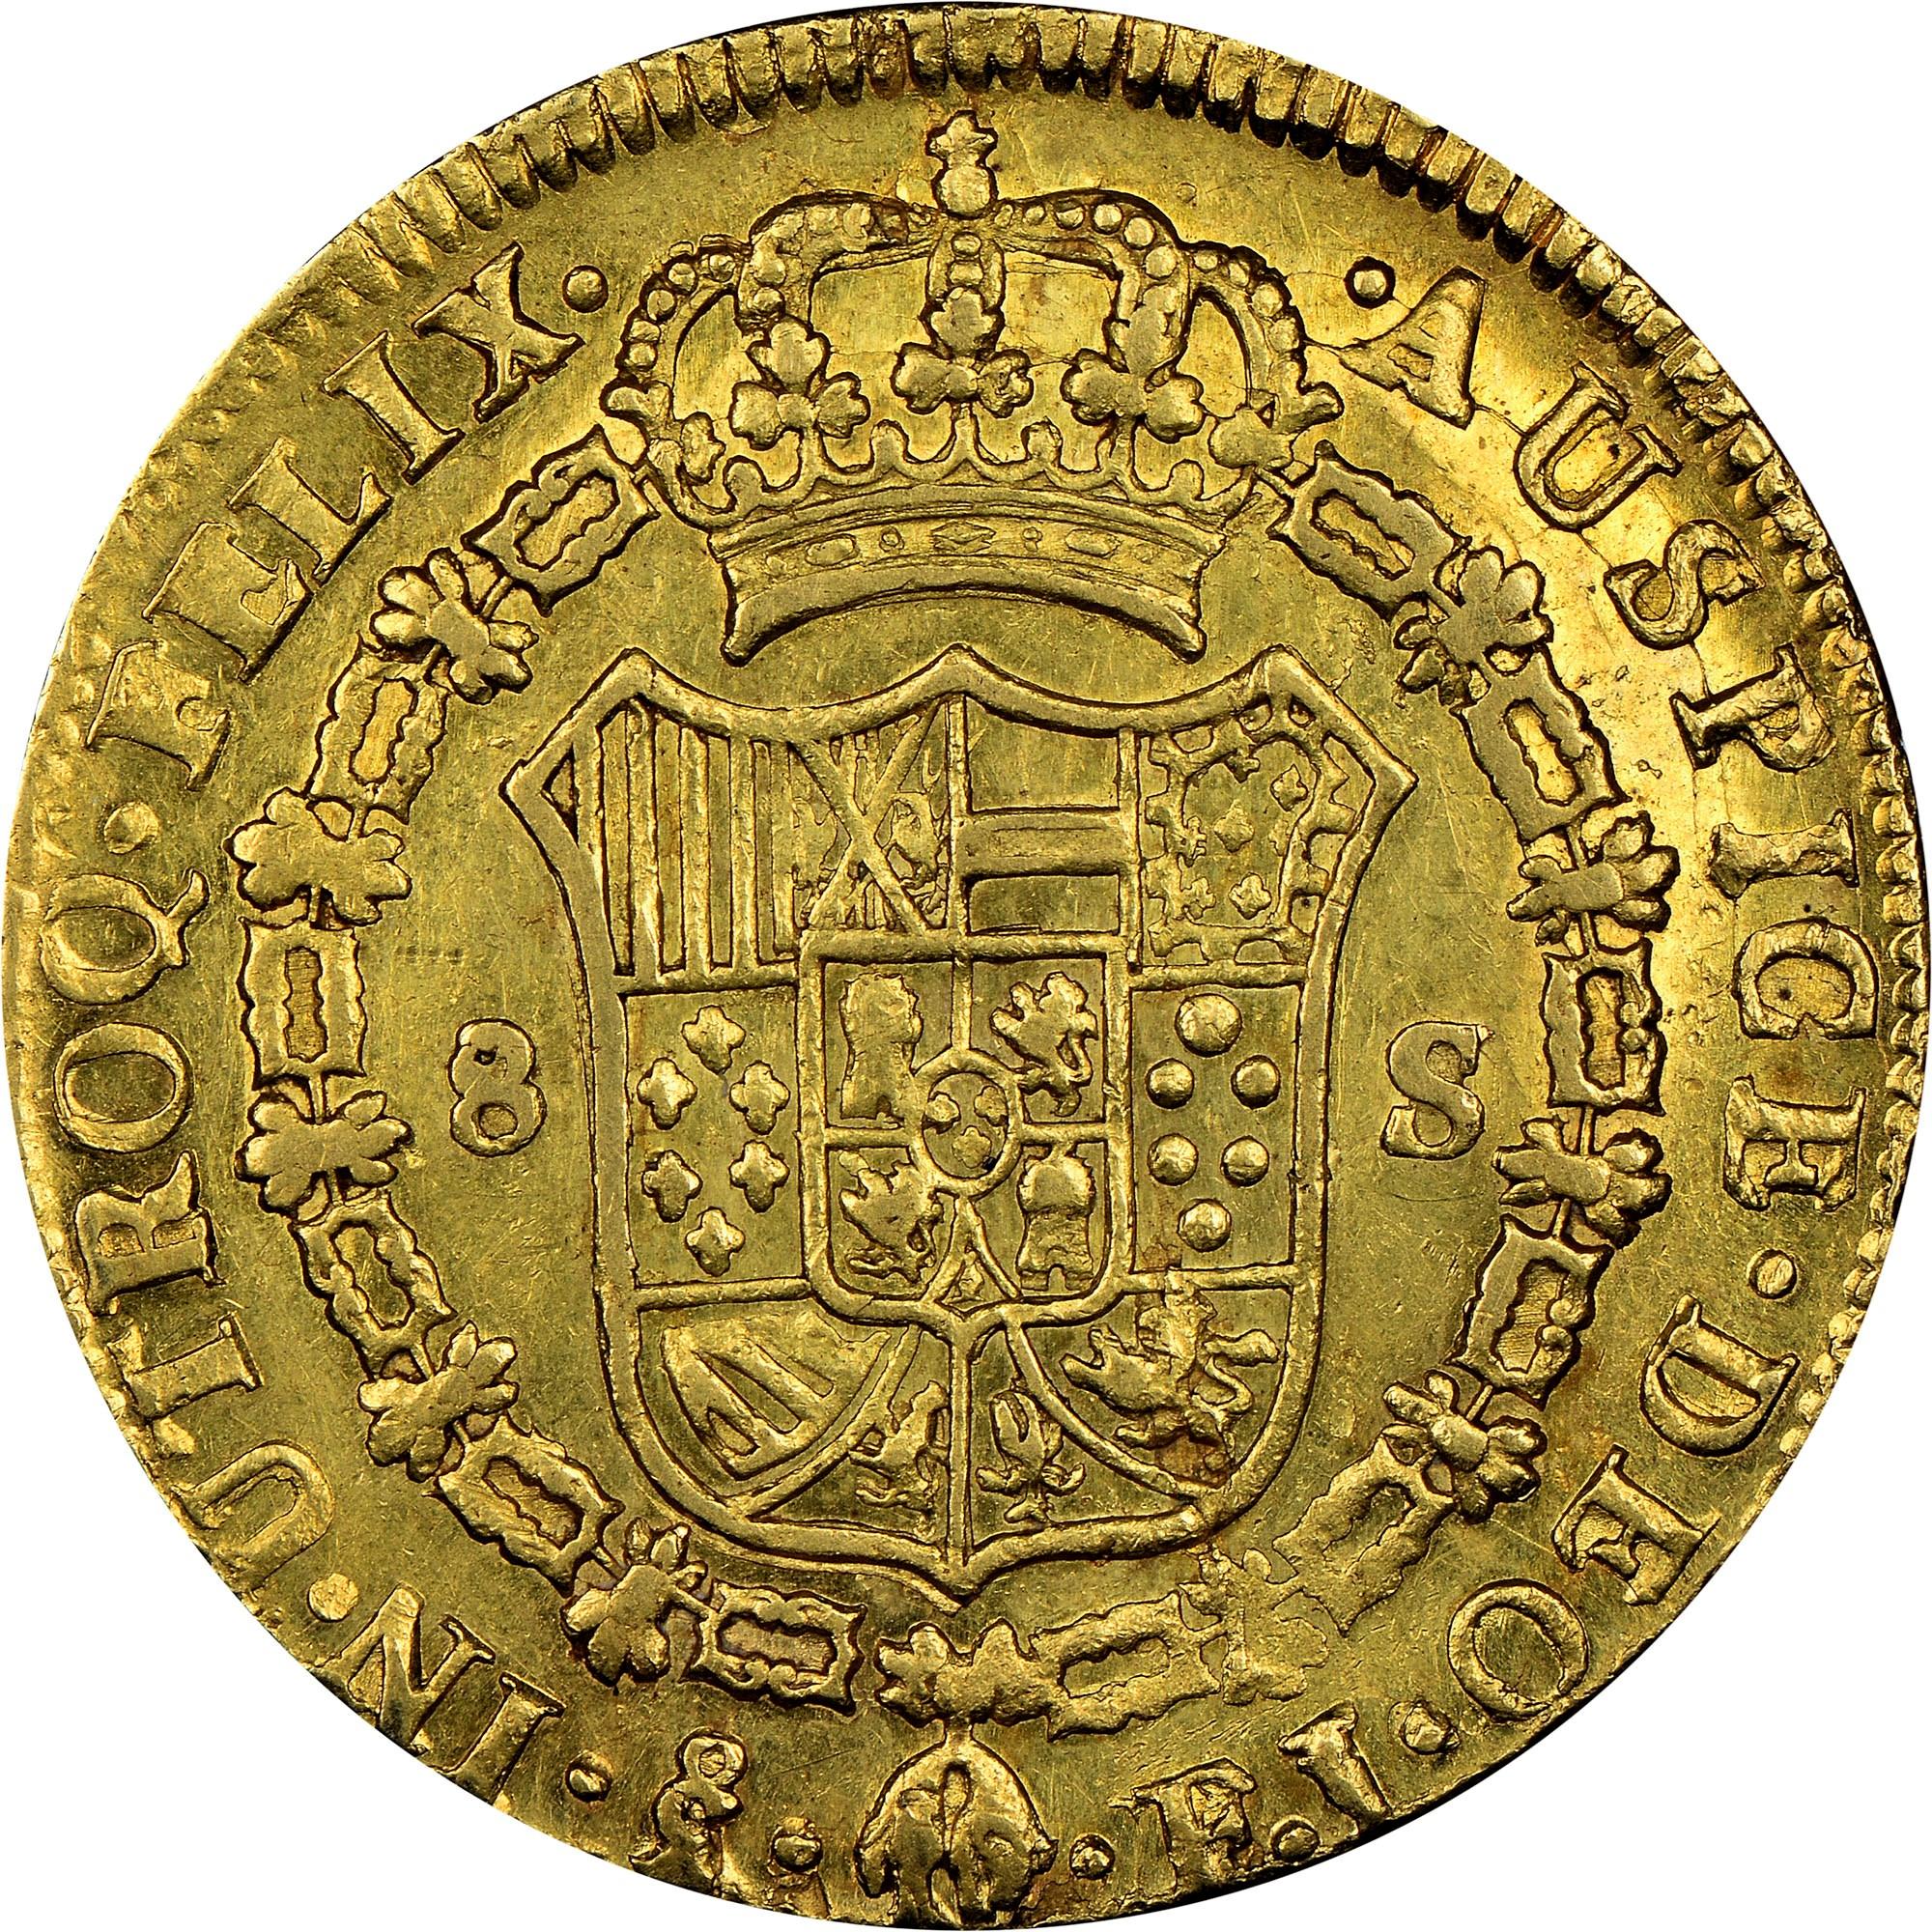 Chile 8 Escudos reverse